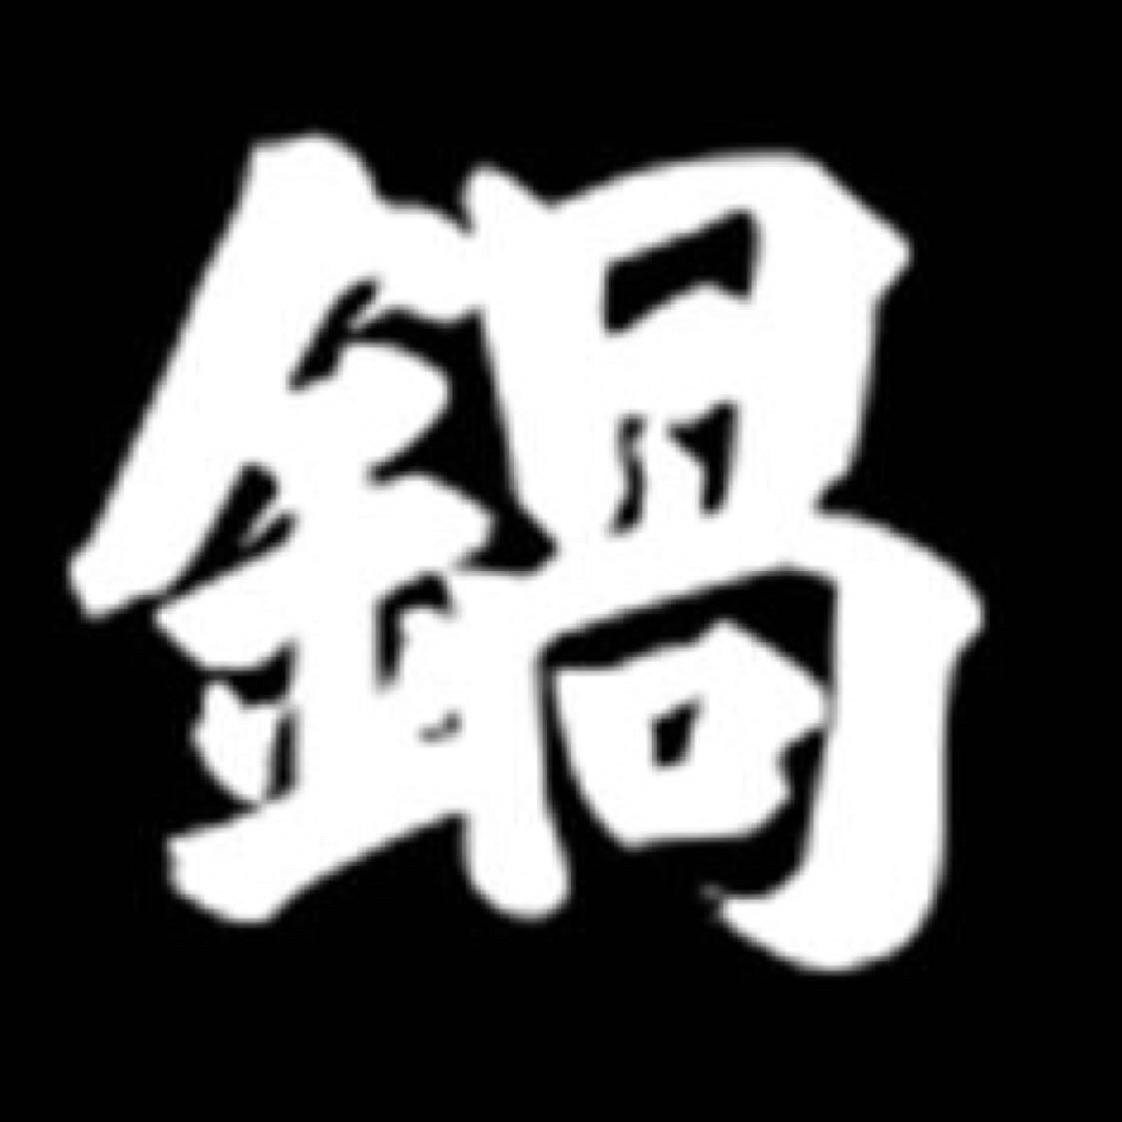 柚笺炊烟-锅哥